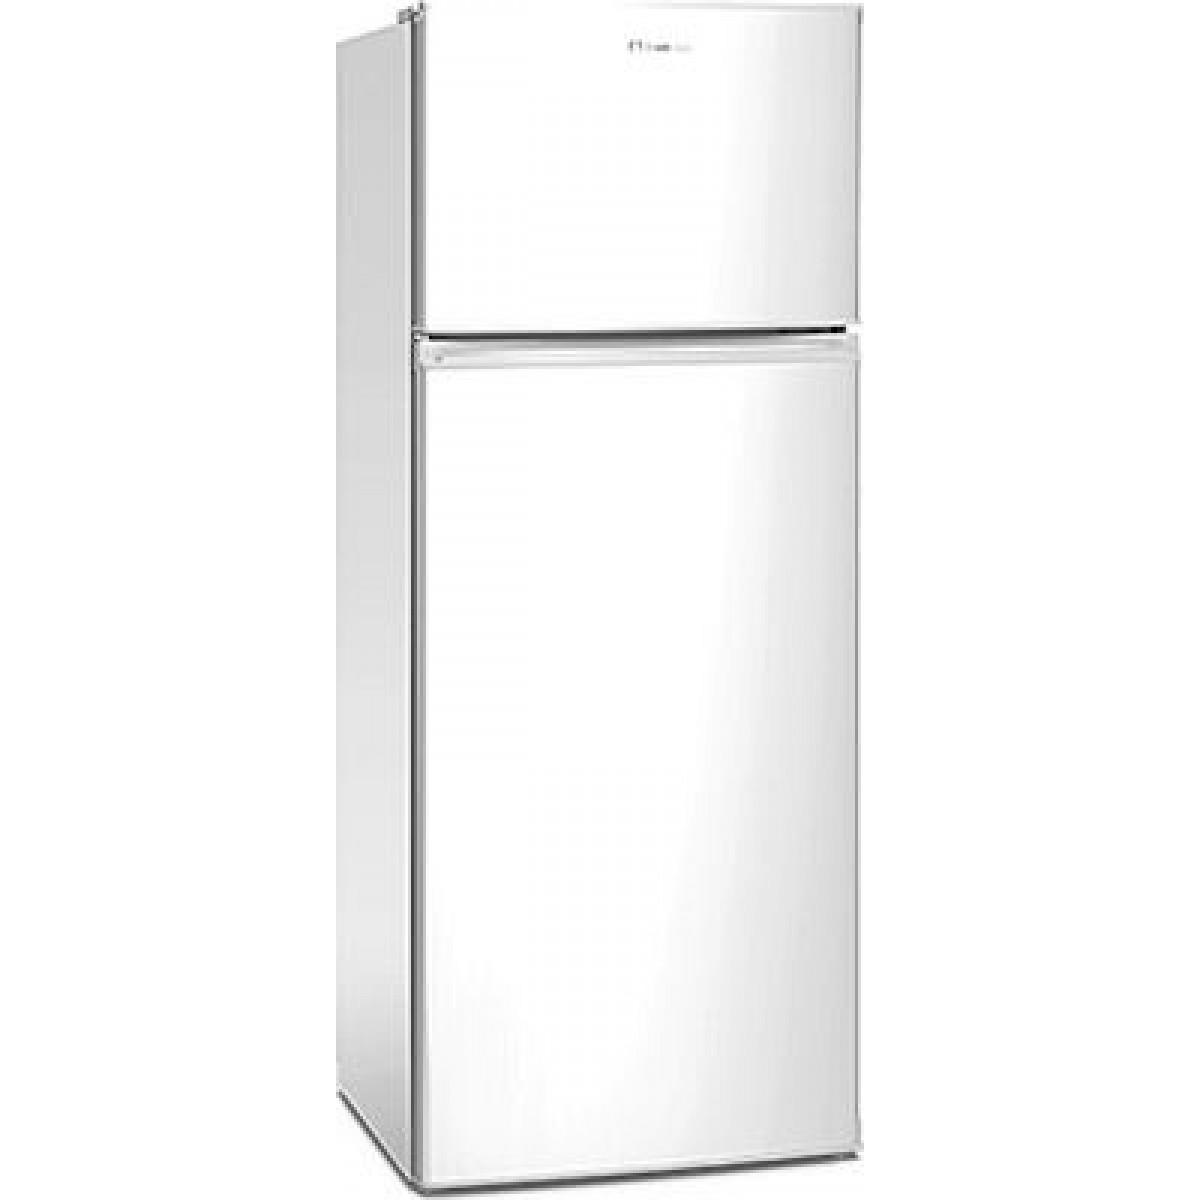 Ψυγείο Δίπορτο INVENTOR DP1440W Λευκό (204lt) Ψυγεία δίπορτα